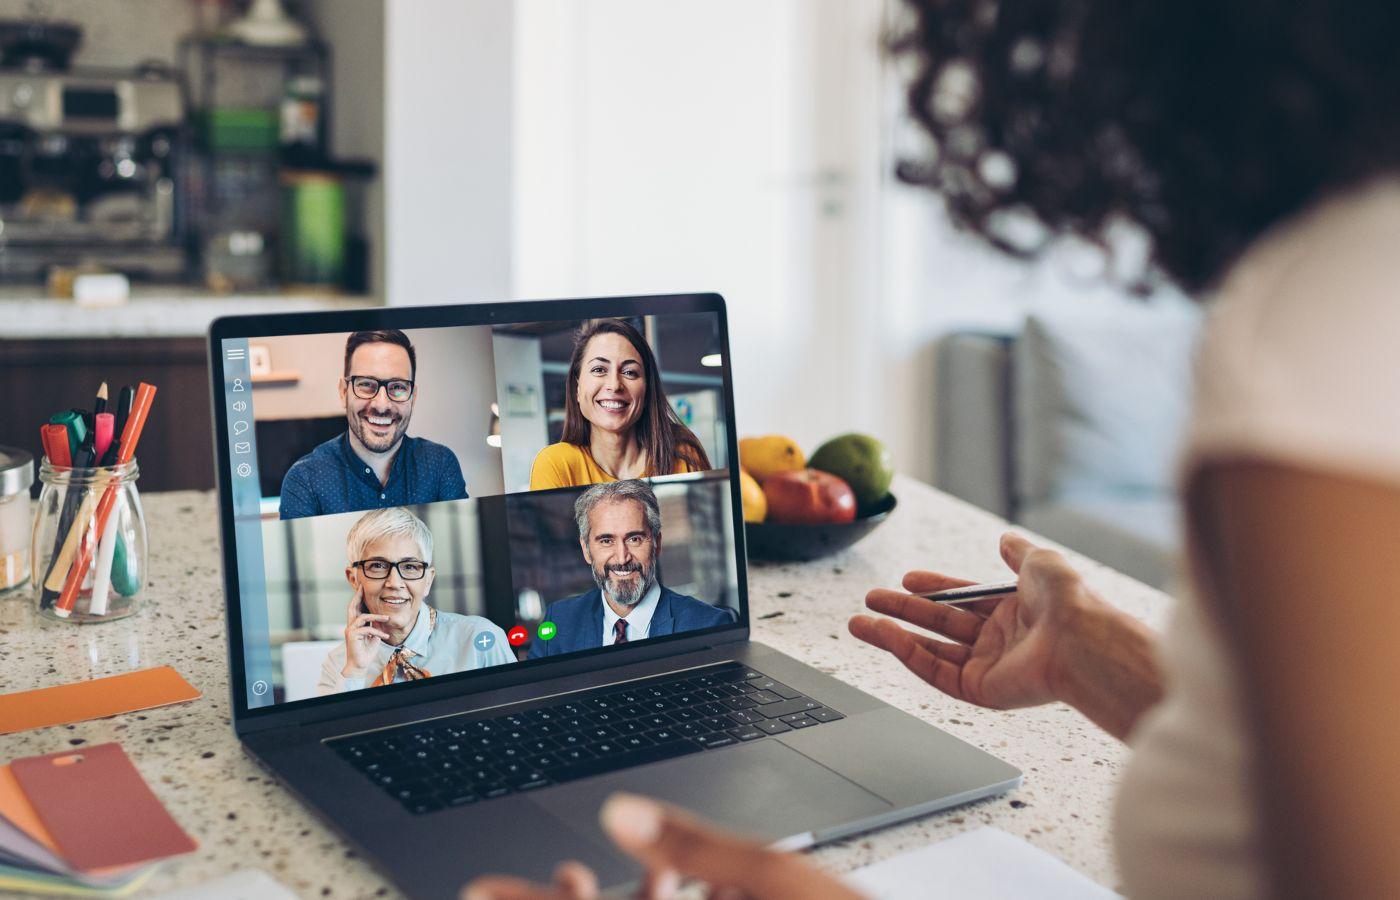 reunião de trabalho virtual